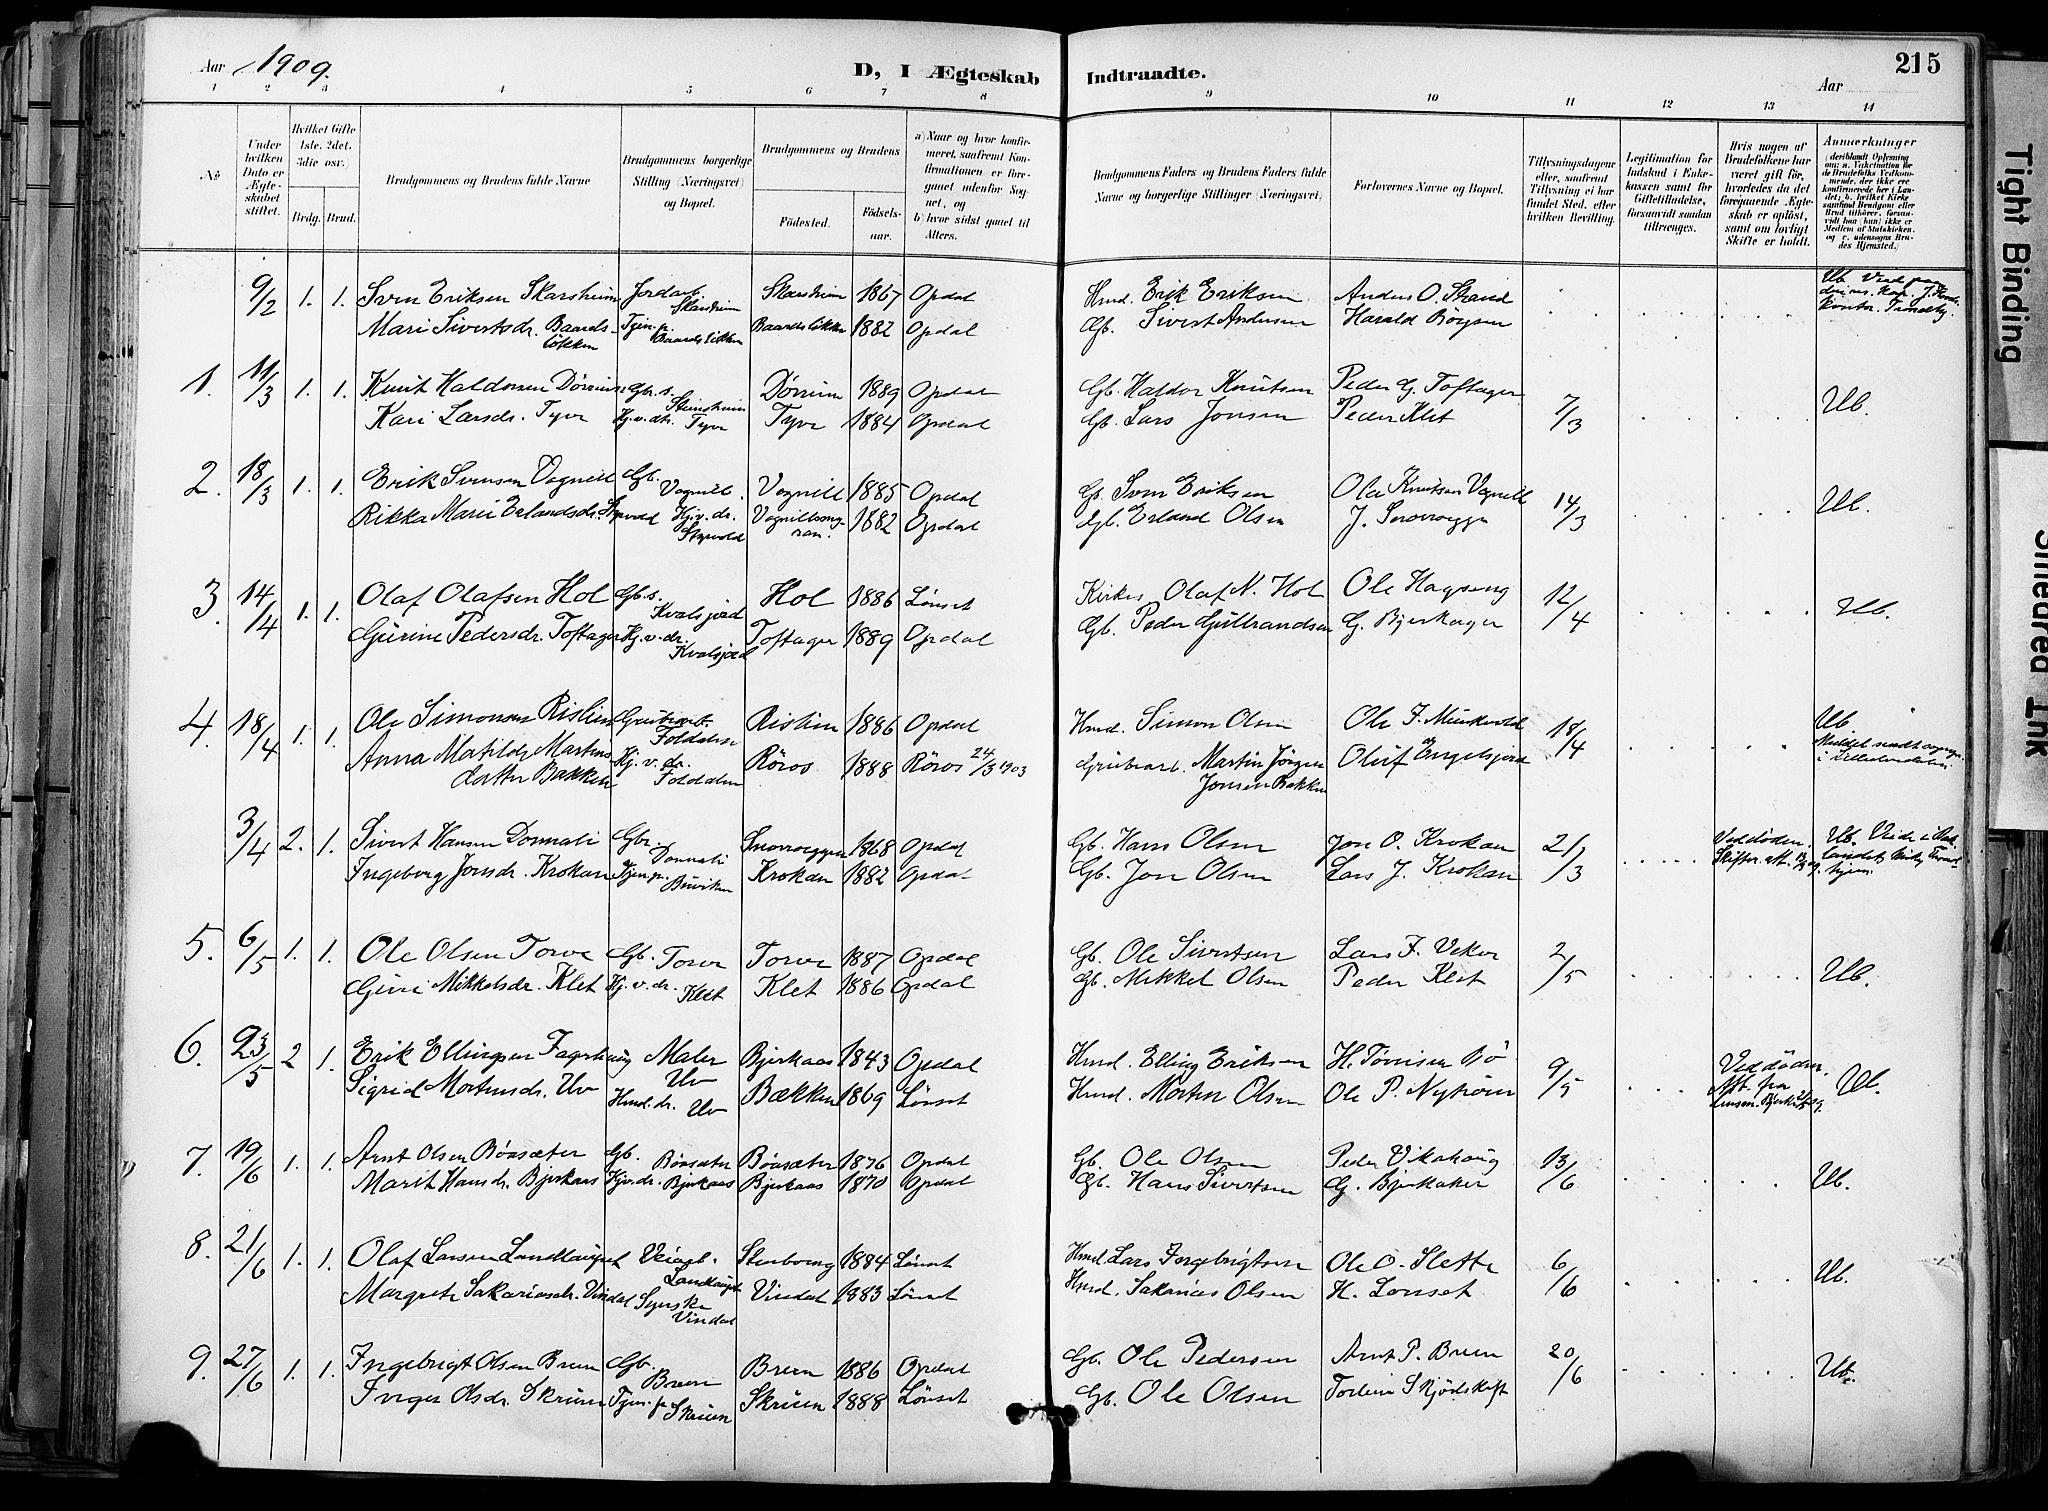 SAT, Ministerialprotokoller, klokkerbøker og fødselsregistre - Sør-Trøndelag, 678/L0902: Ministerialbok nr. 678A11, 1895-1911, s. 215